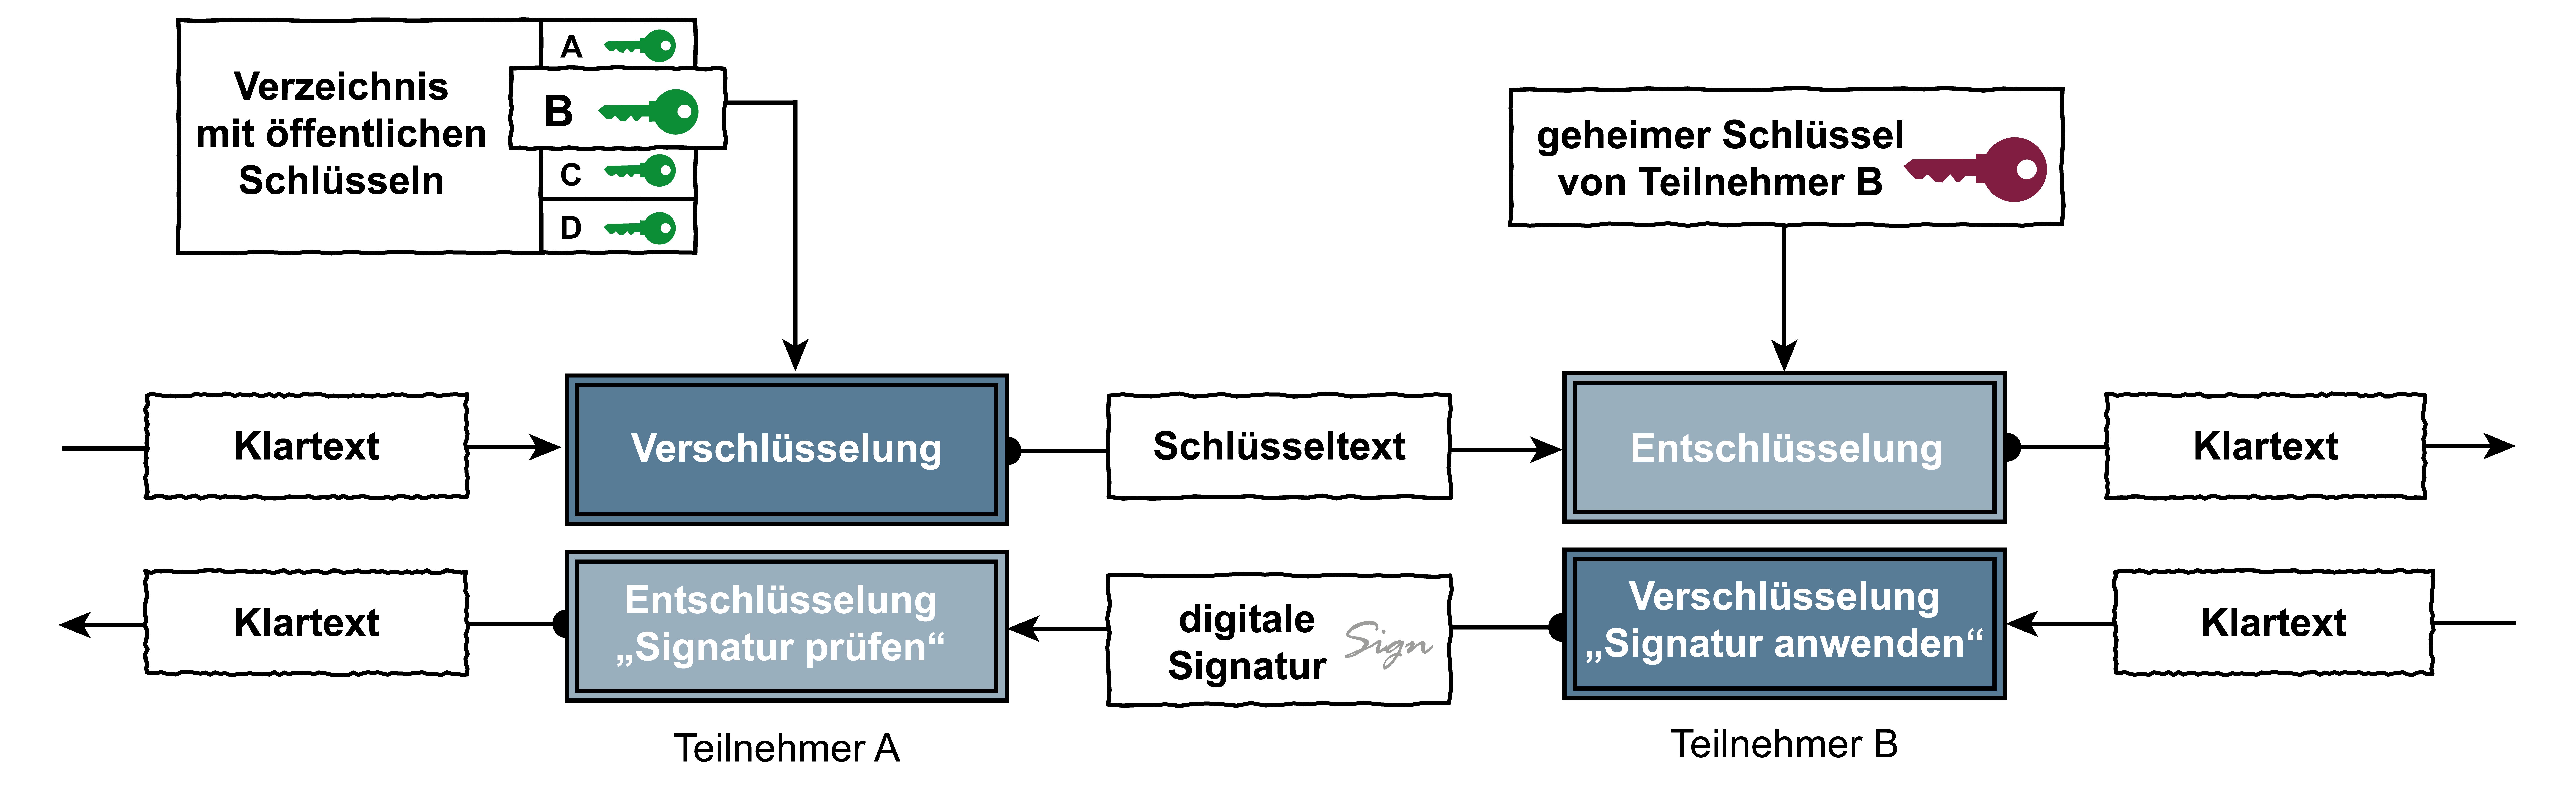 Asymmetrische Verschlüsselung – Glossar Cyber-Sicherheit – Prof. Norbert Pohlmann